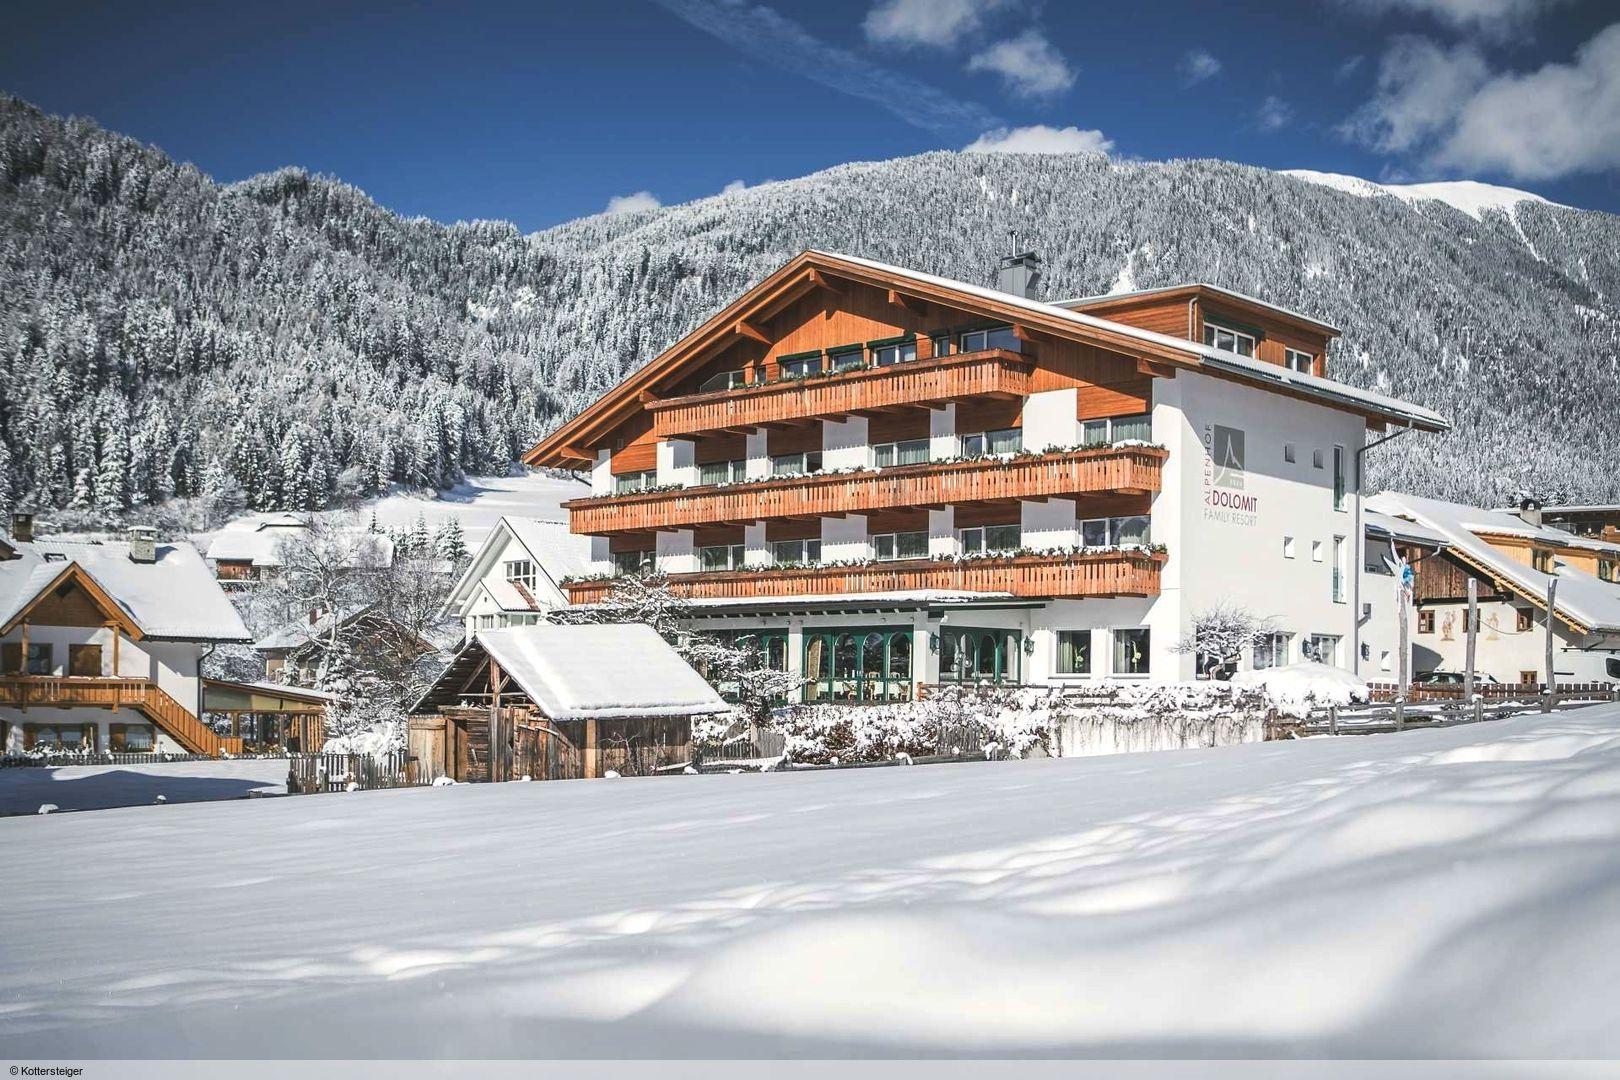 Hotel Alpenhof Dolomit Family Resort